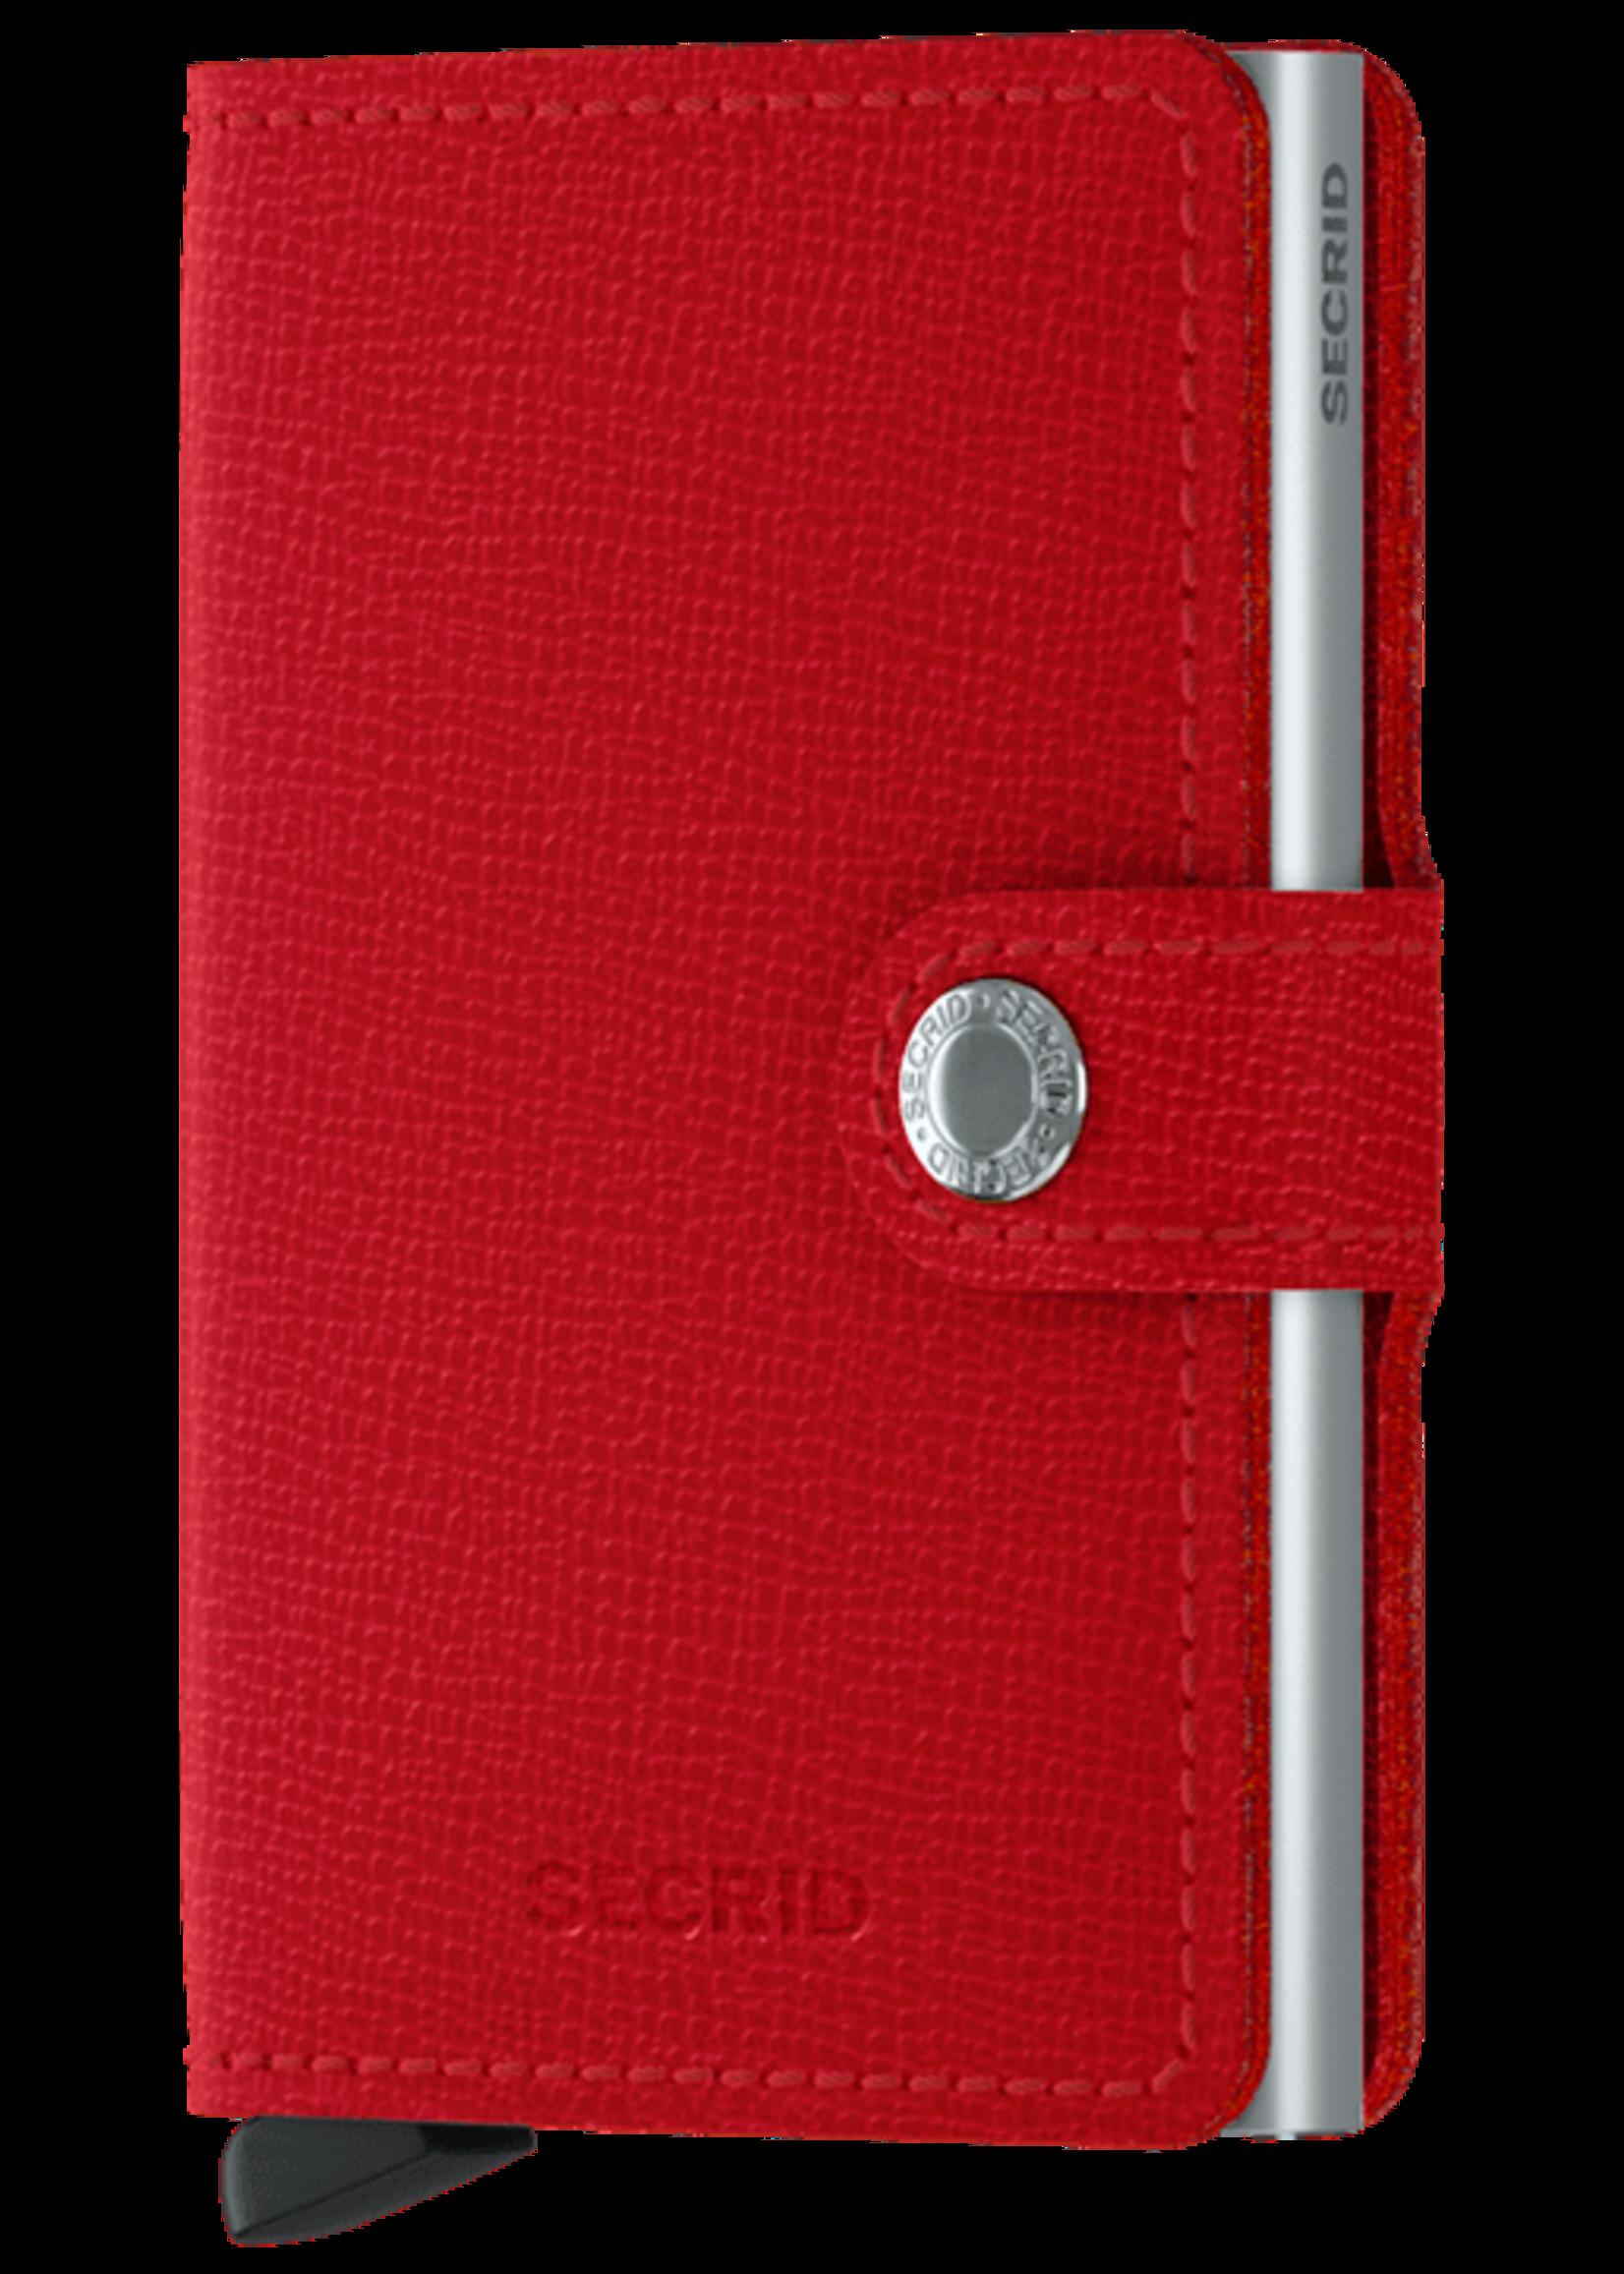 """Secrid The """"Crisple"""" Miniwallet in Red by Secrid"""